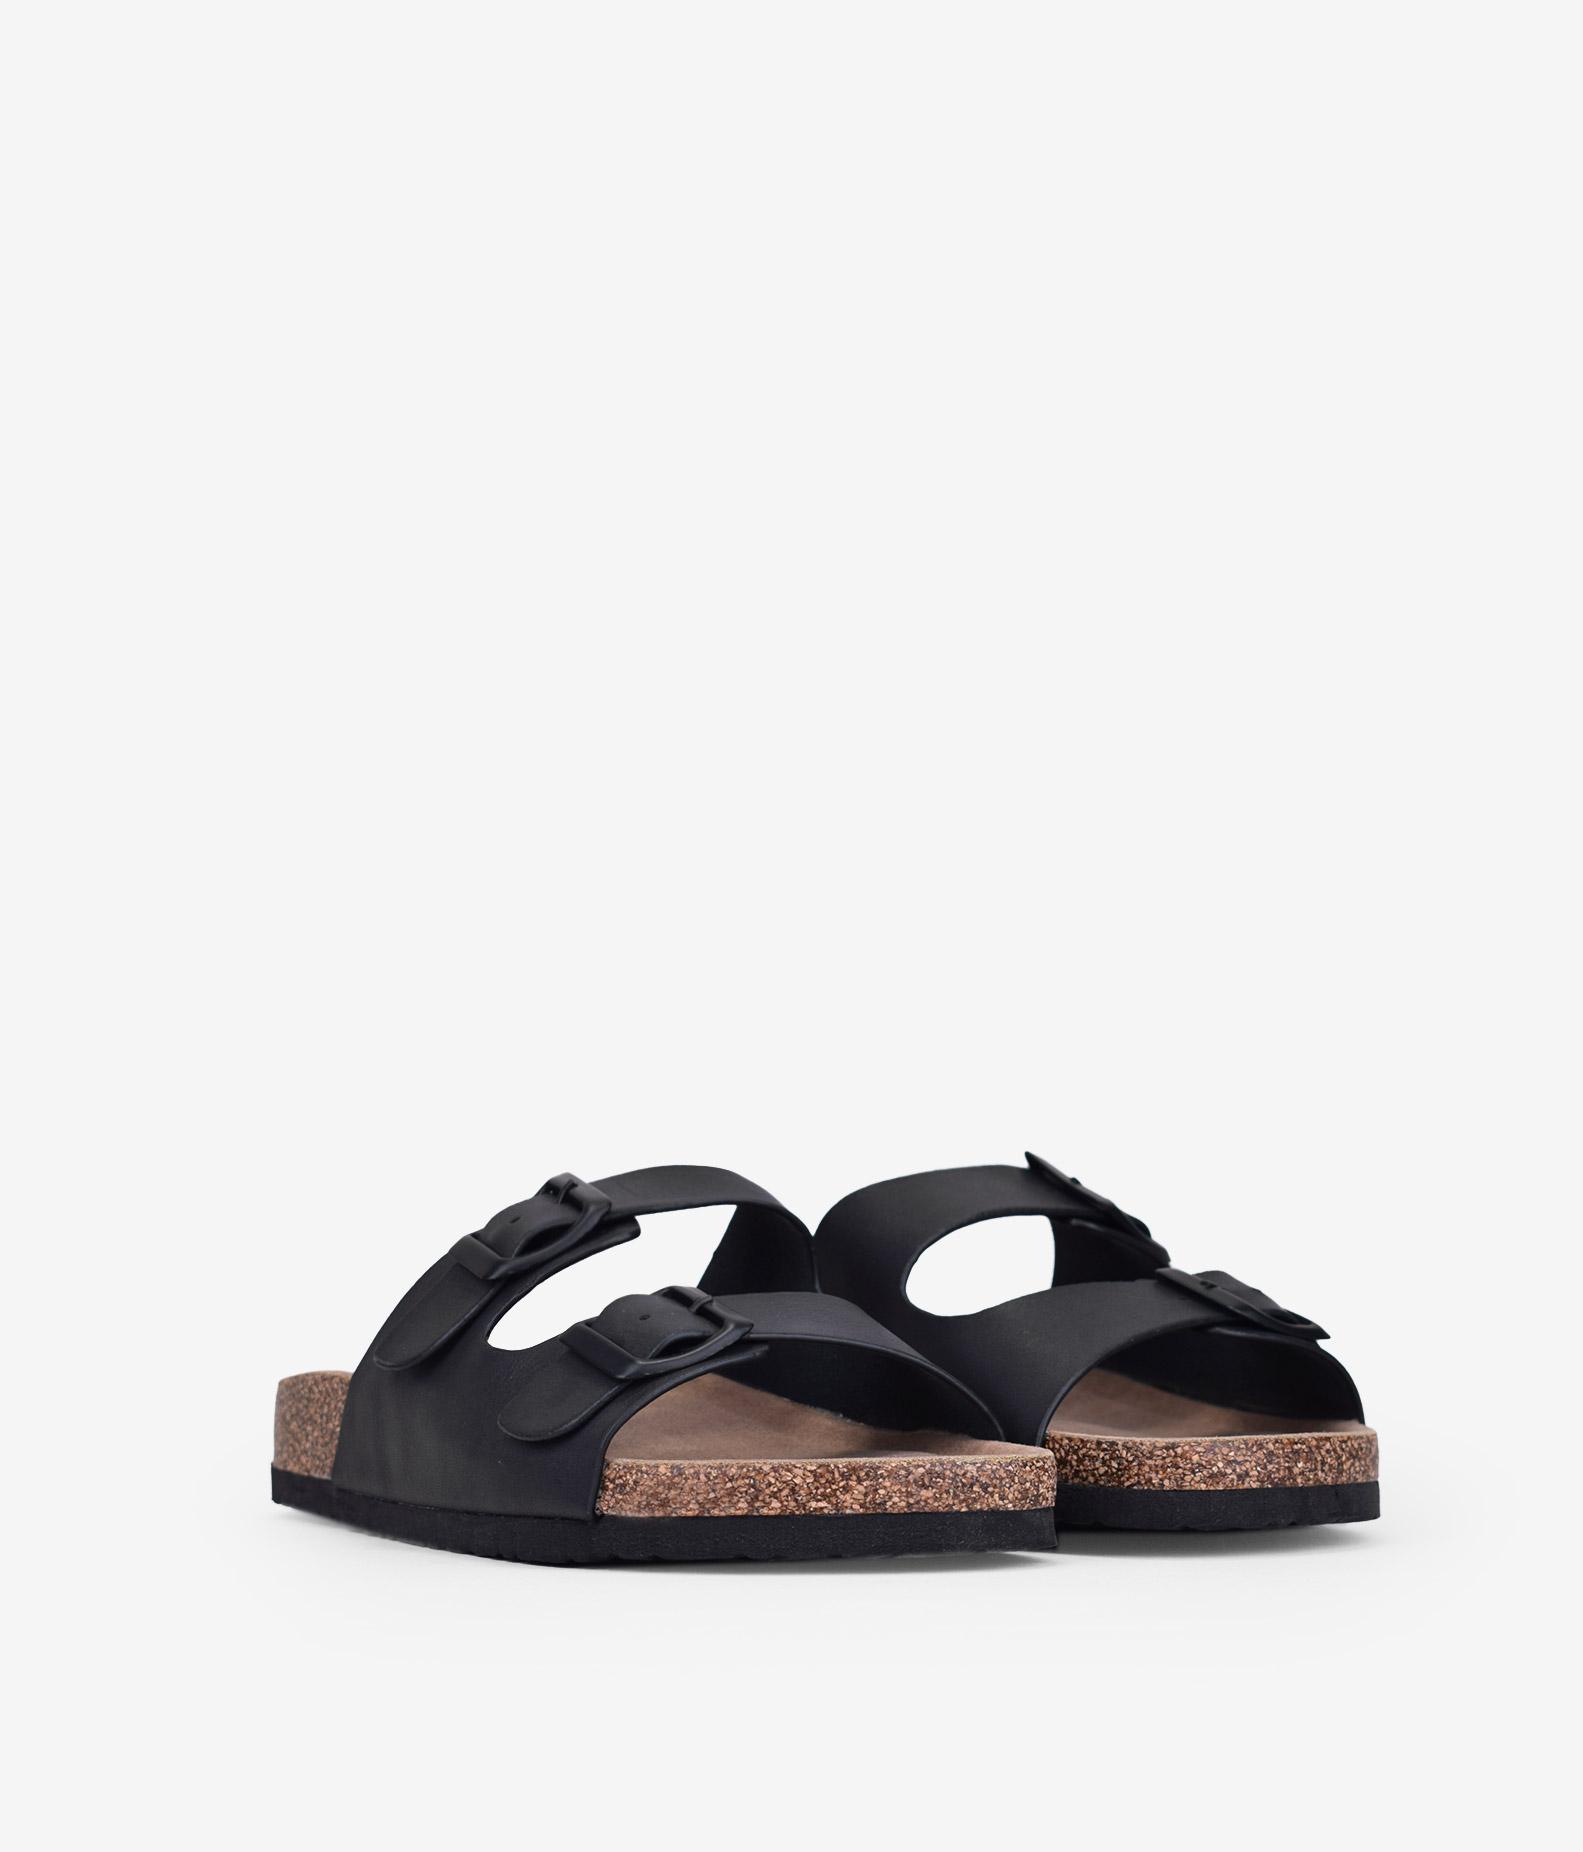 sandalias bio planas negras